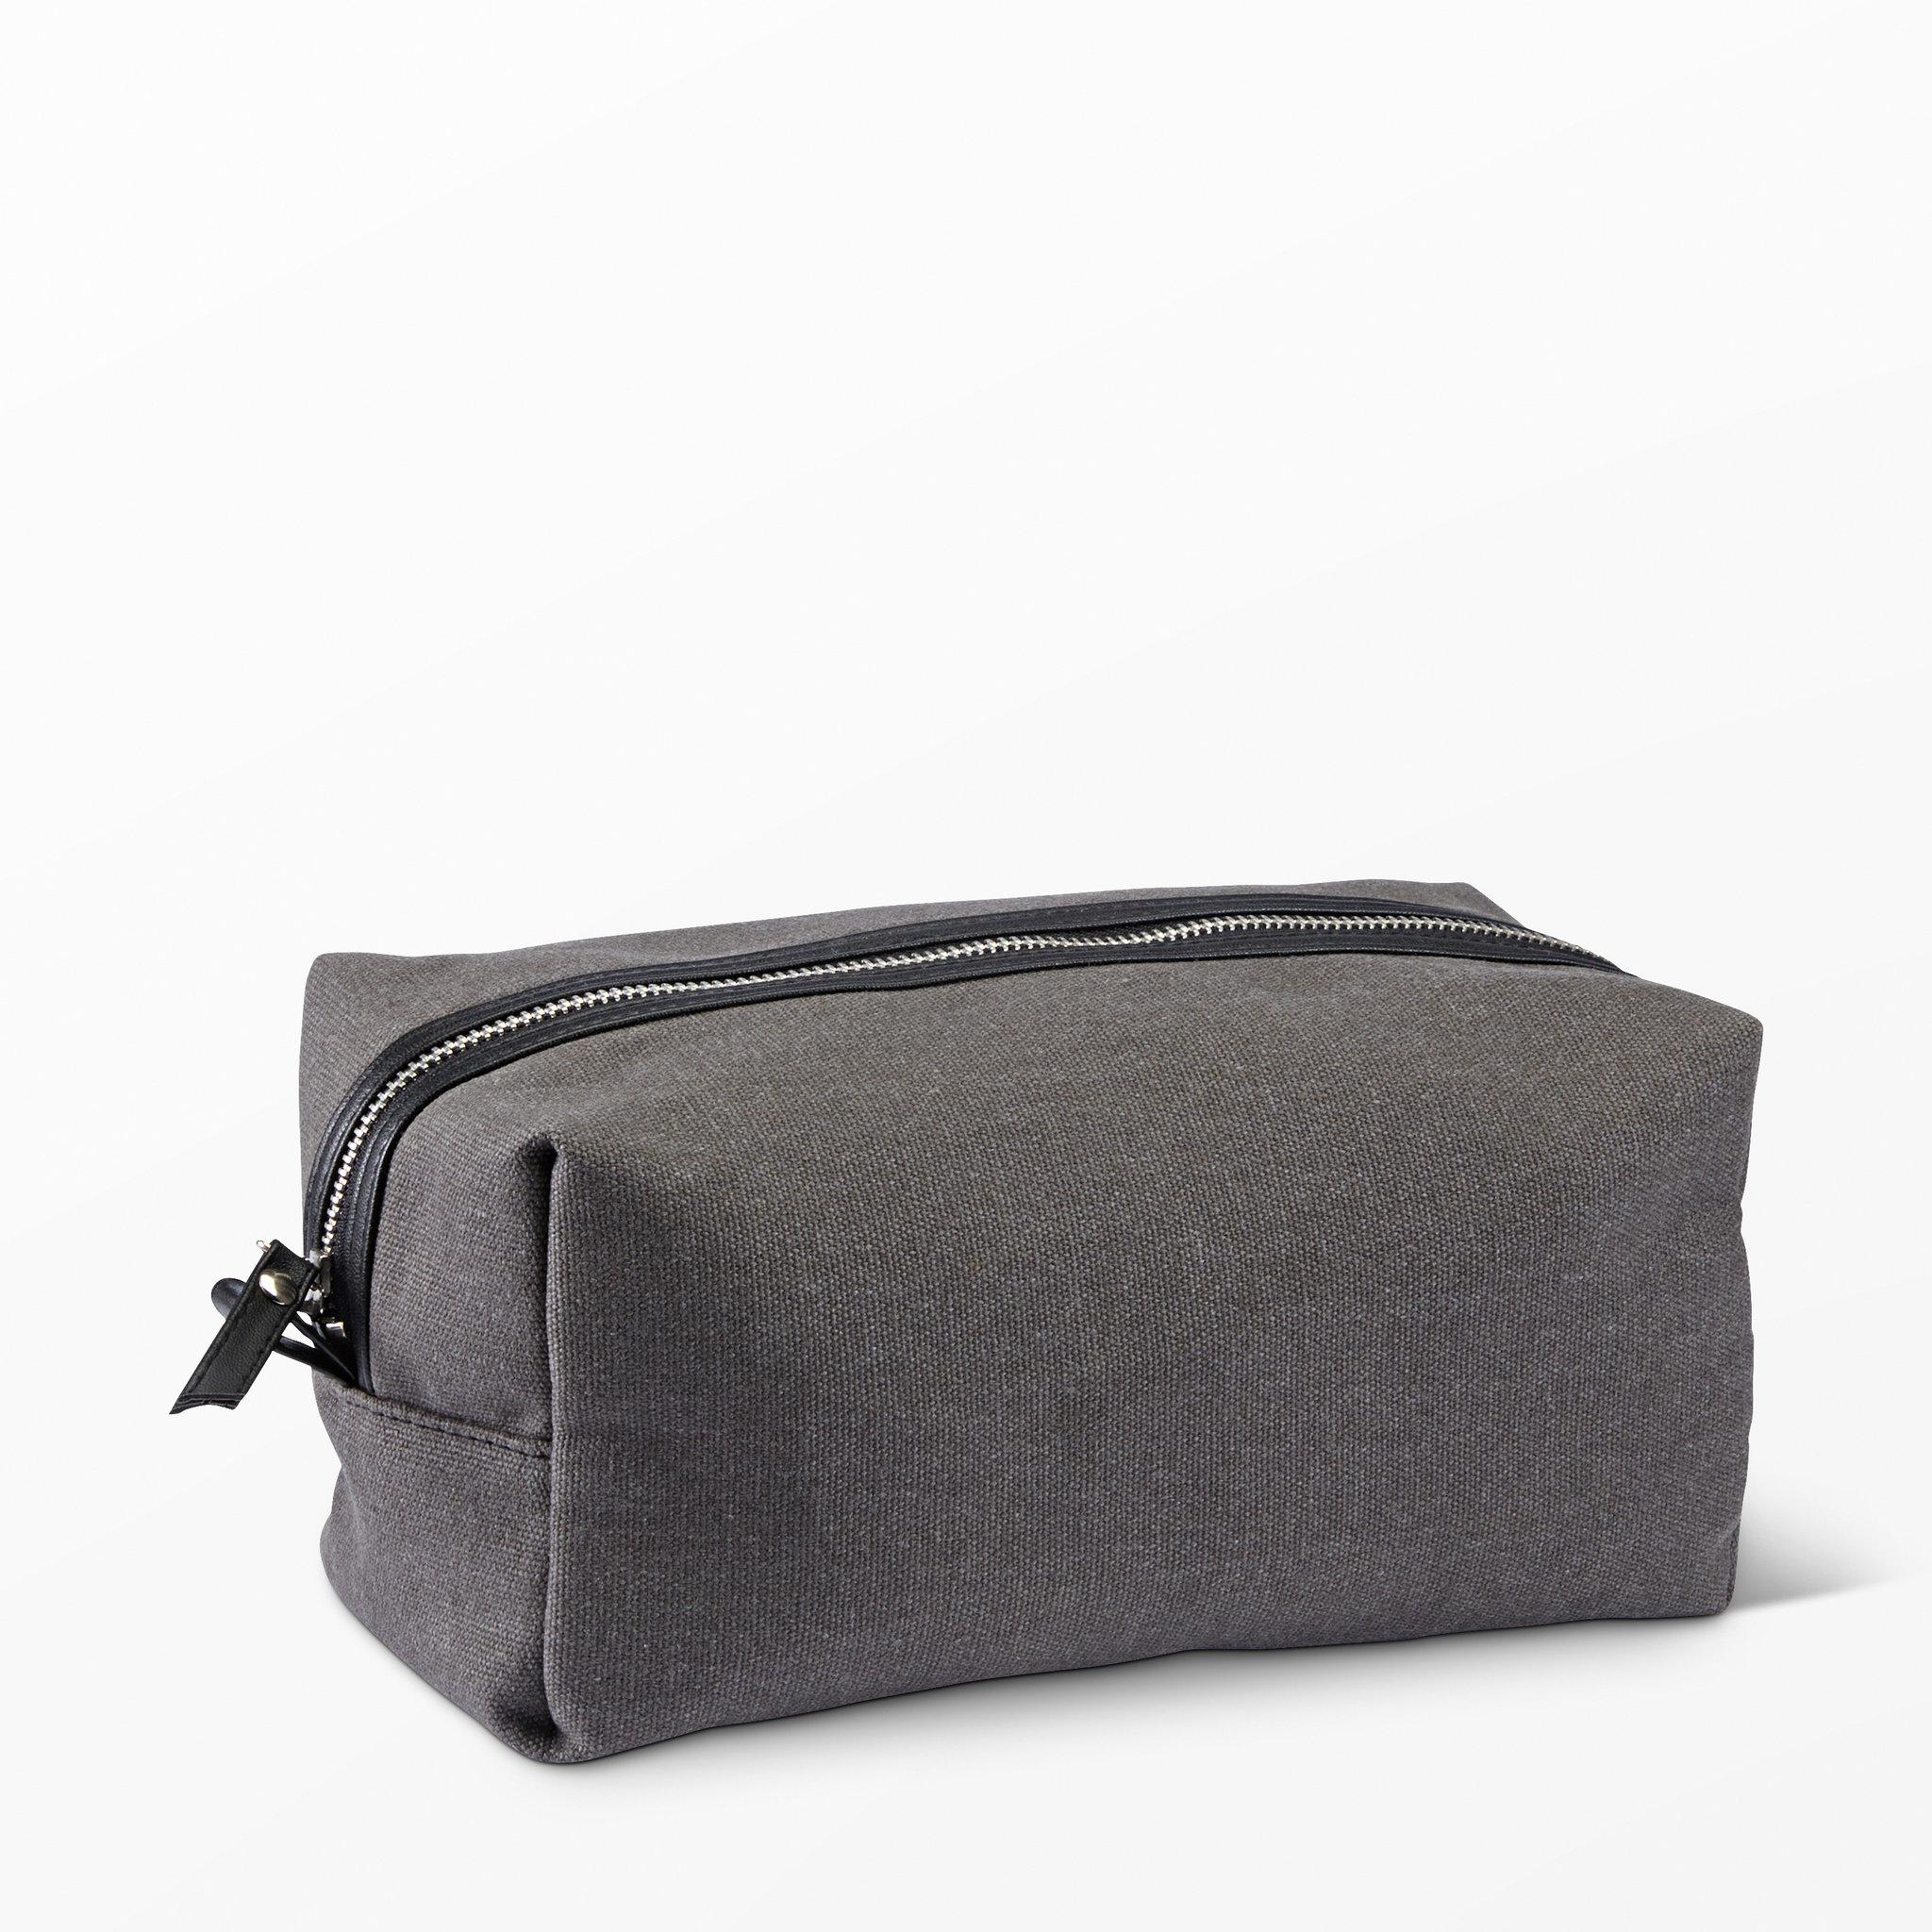 Necessär - Necessärer - Köp online på åhlens.se! d39a7d1174136